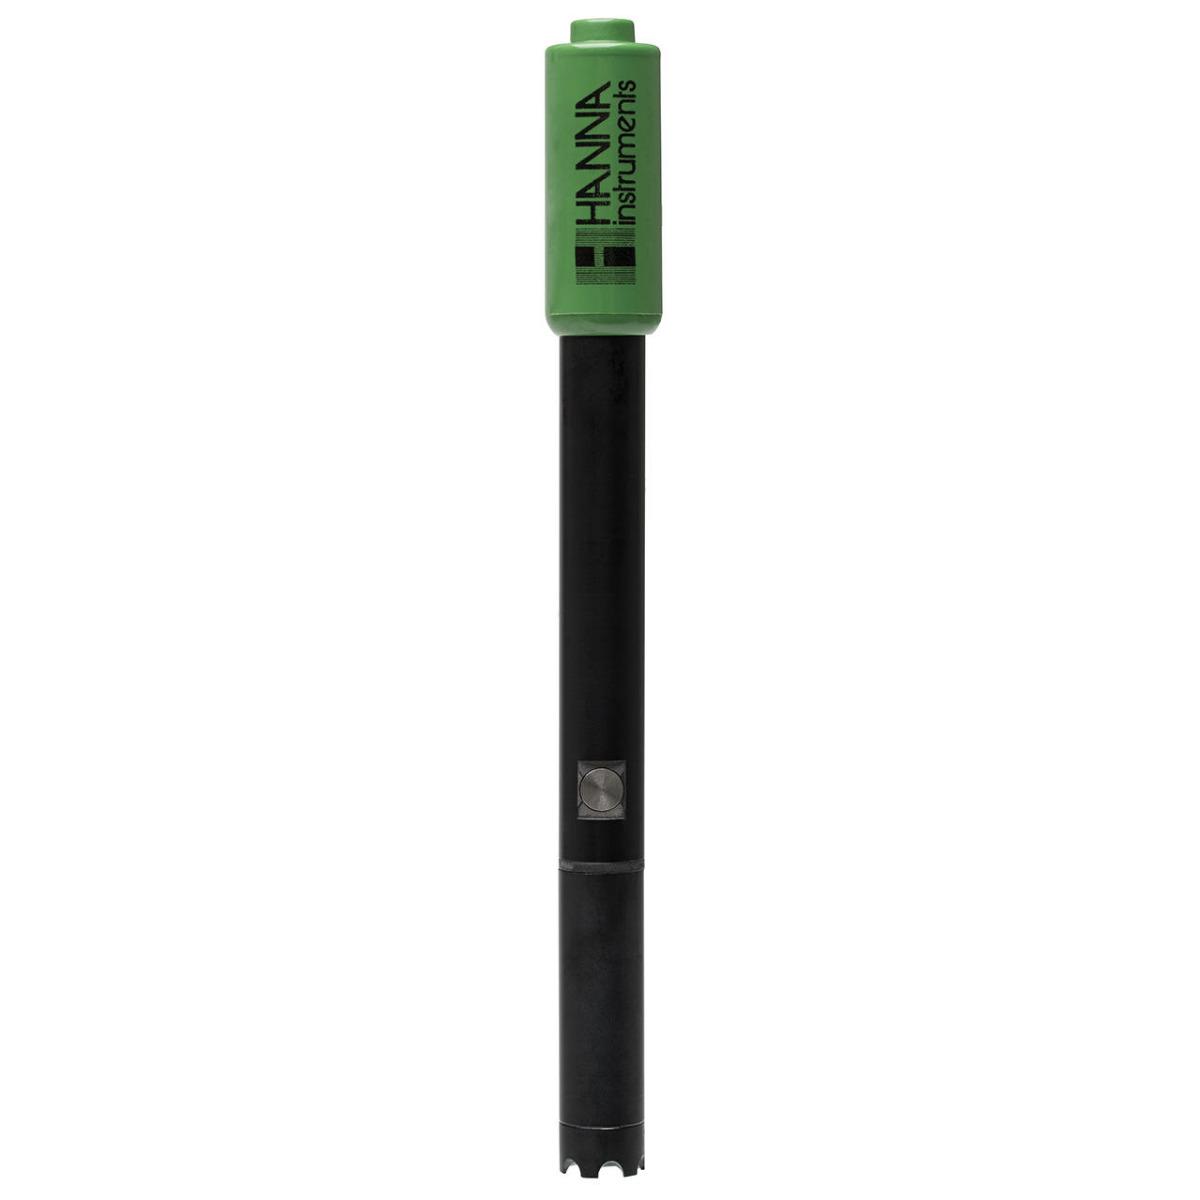 Sonda Polarográfica de Laboratorio para OD de Repuesto con Sensor de Temperatura Incorporado - HI76483